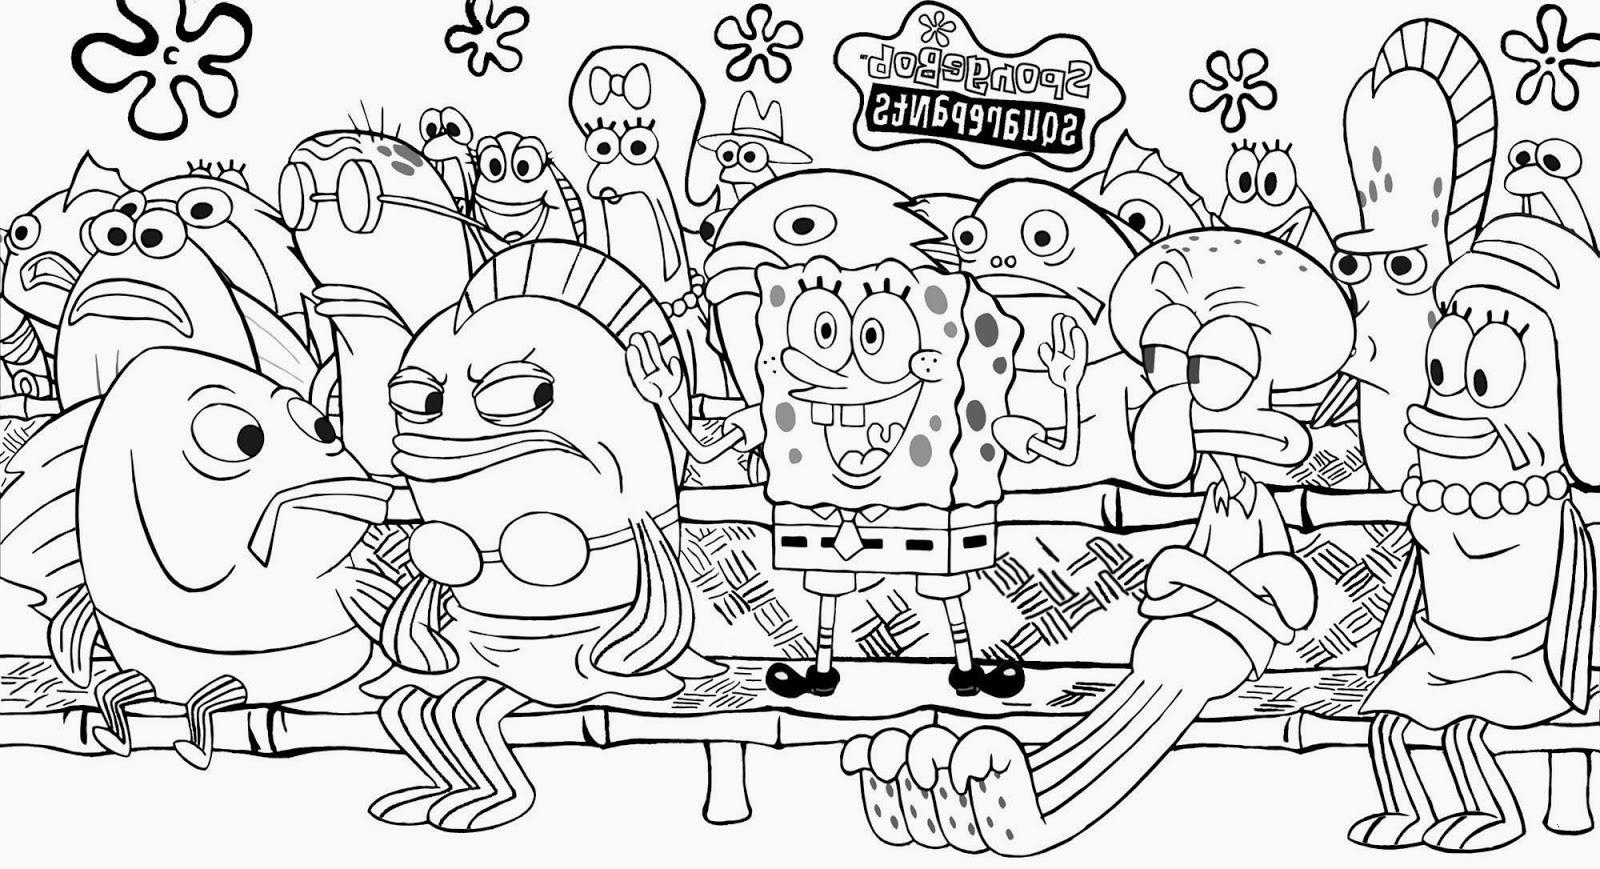 Malvorlagen Hello Kitty Genial 35 Elegant Ausmalbilder Lillifee – Malvorlagen Ideen Bild